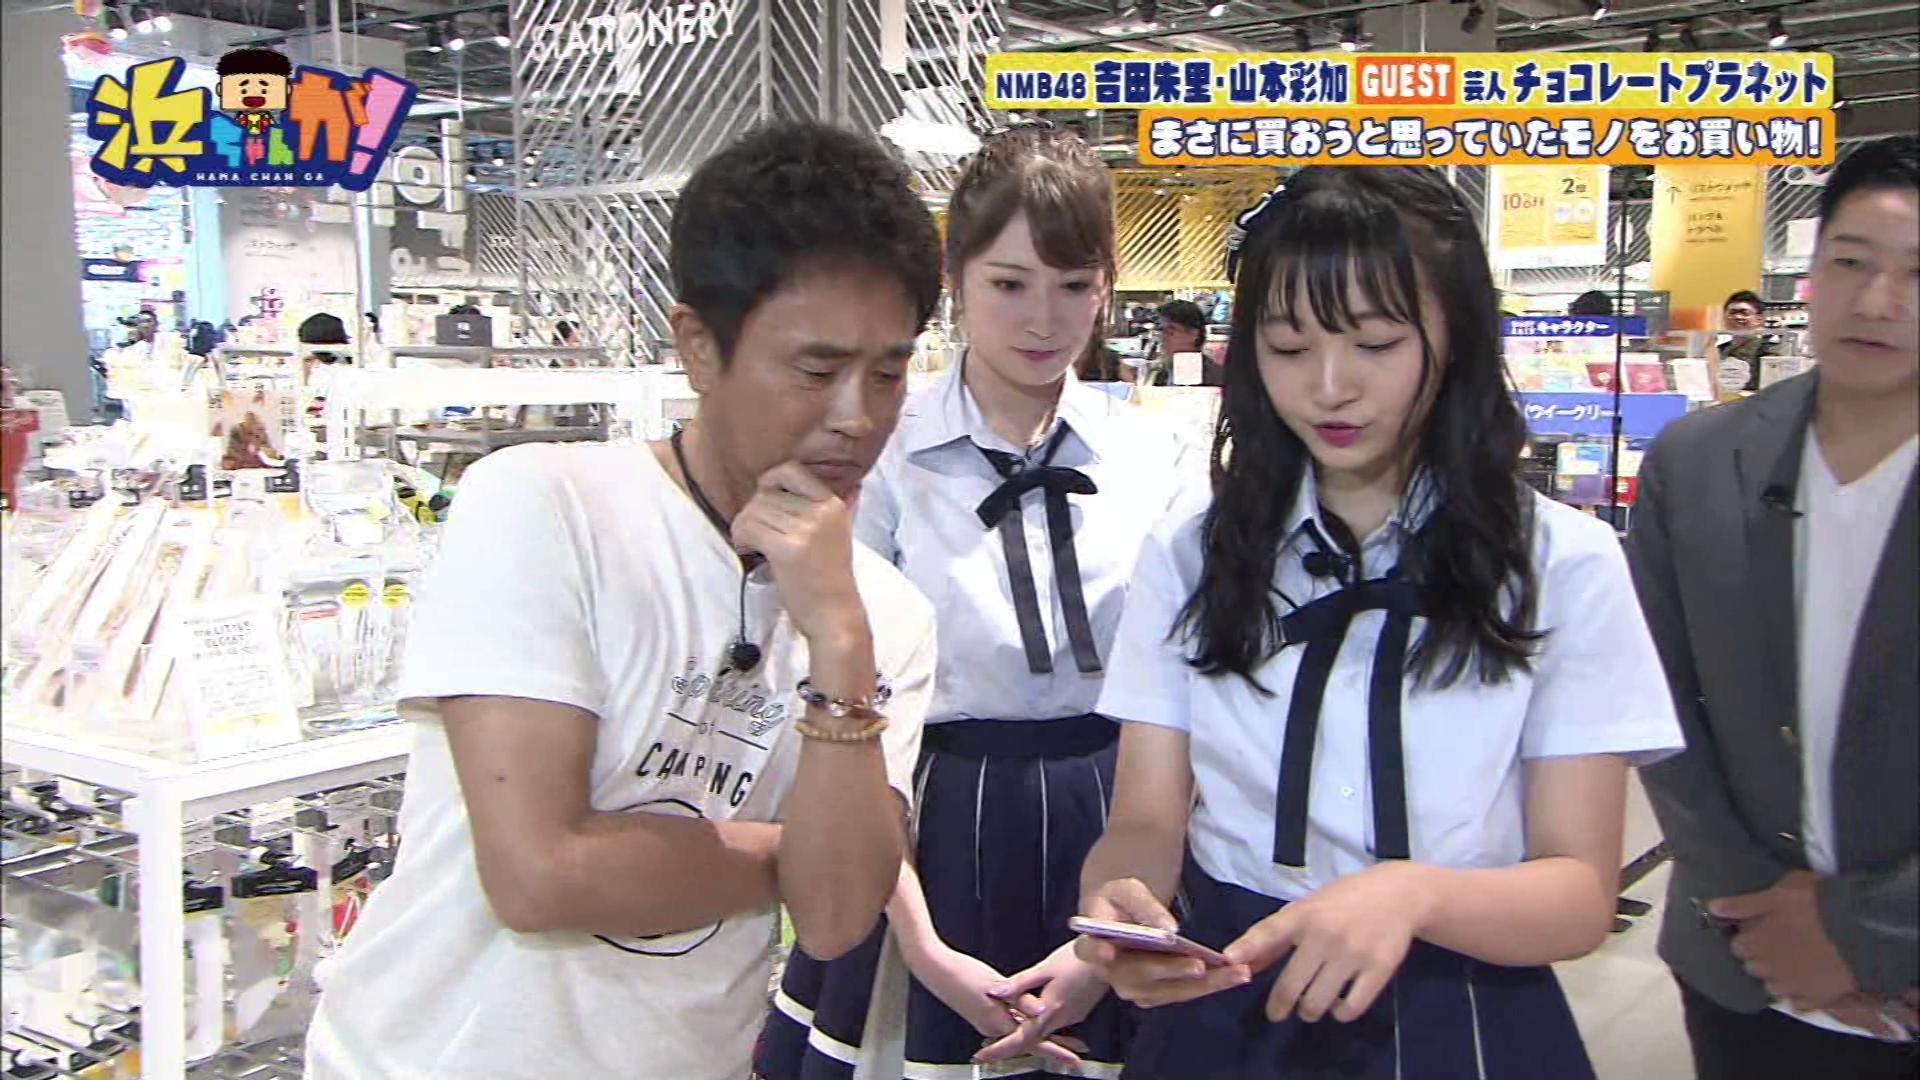 【吉田朱里/山本彩加】アカリン・あーやん出演「浜ちゃんが!」キャプ画像。マットでみんな快眠。